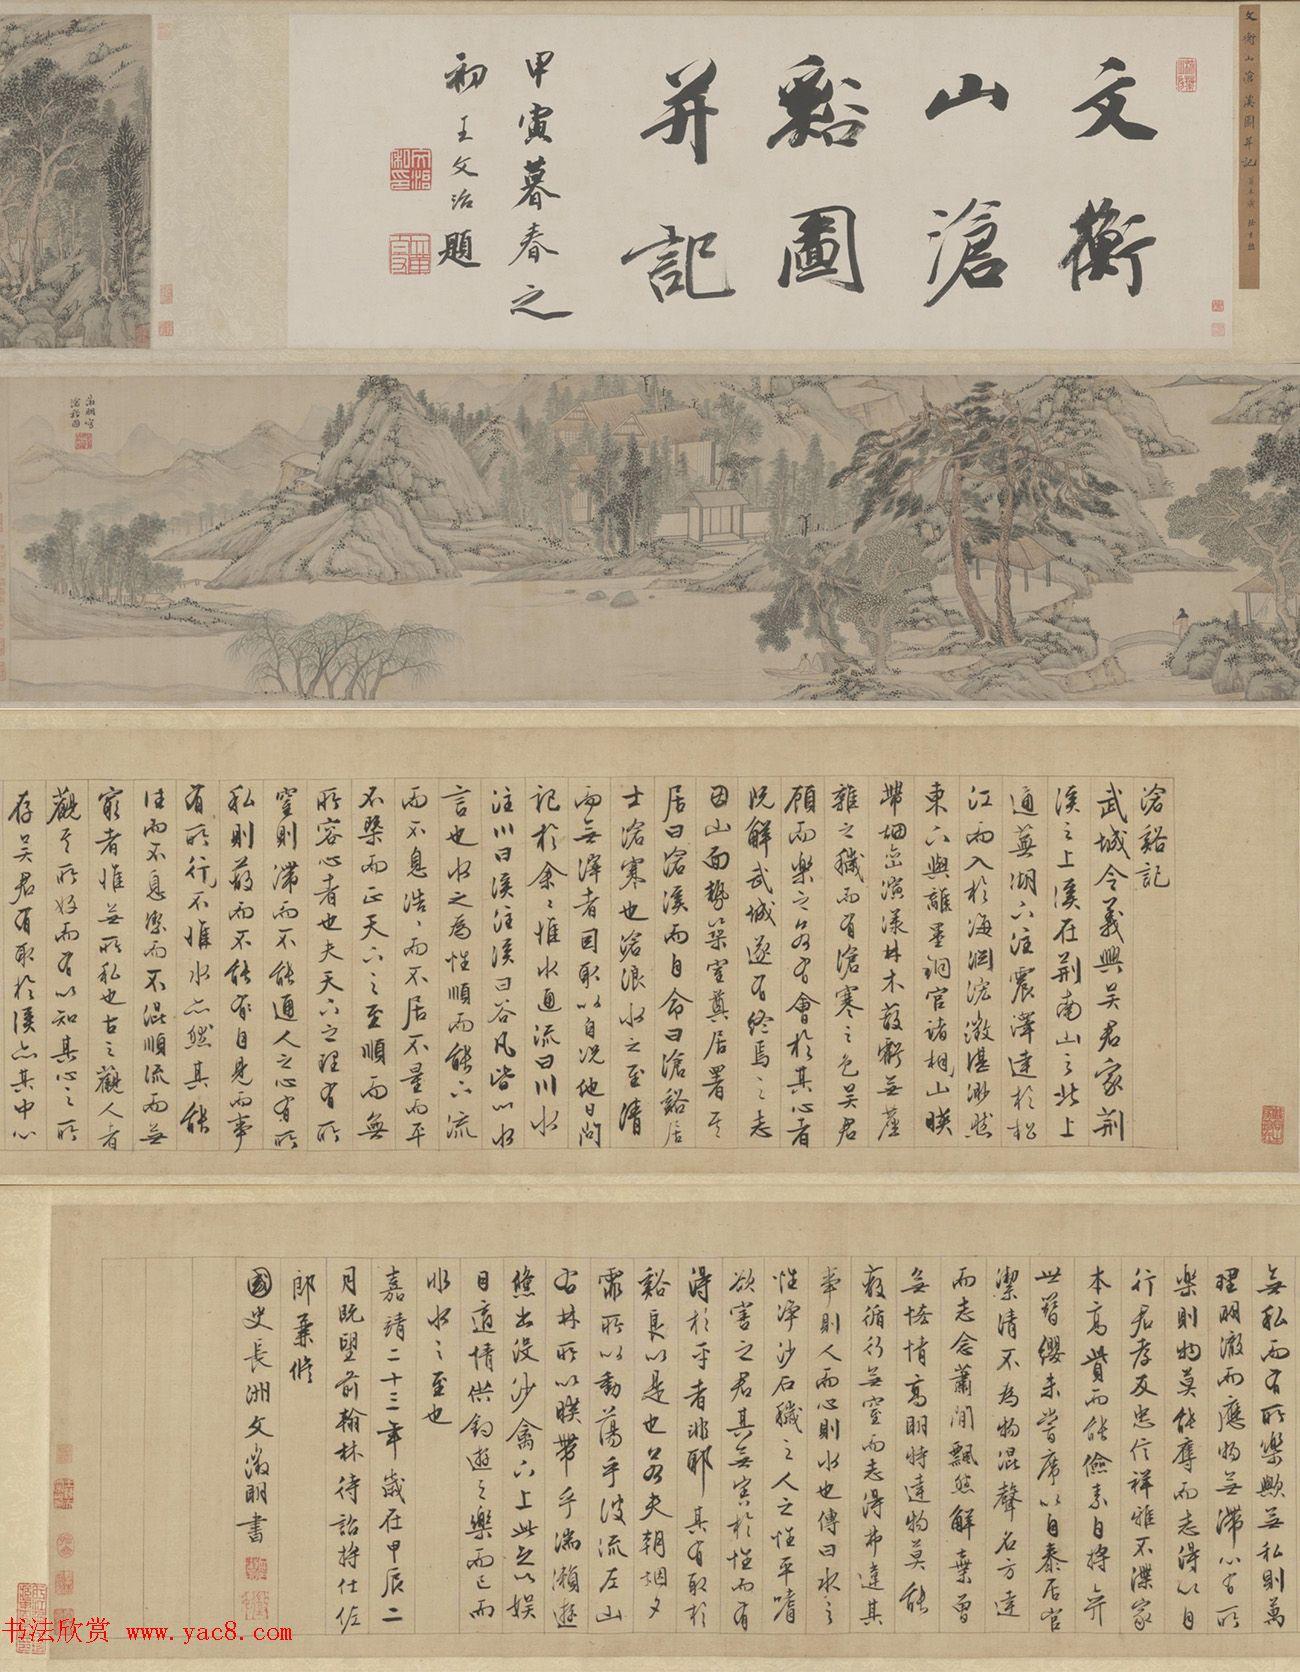 文徵明75岁书画《沧溪图卷》